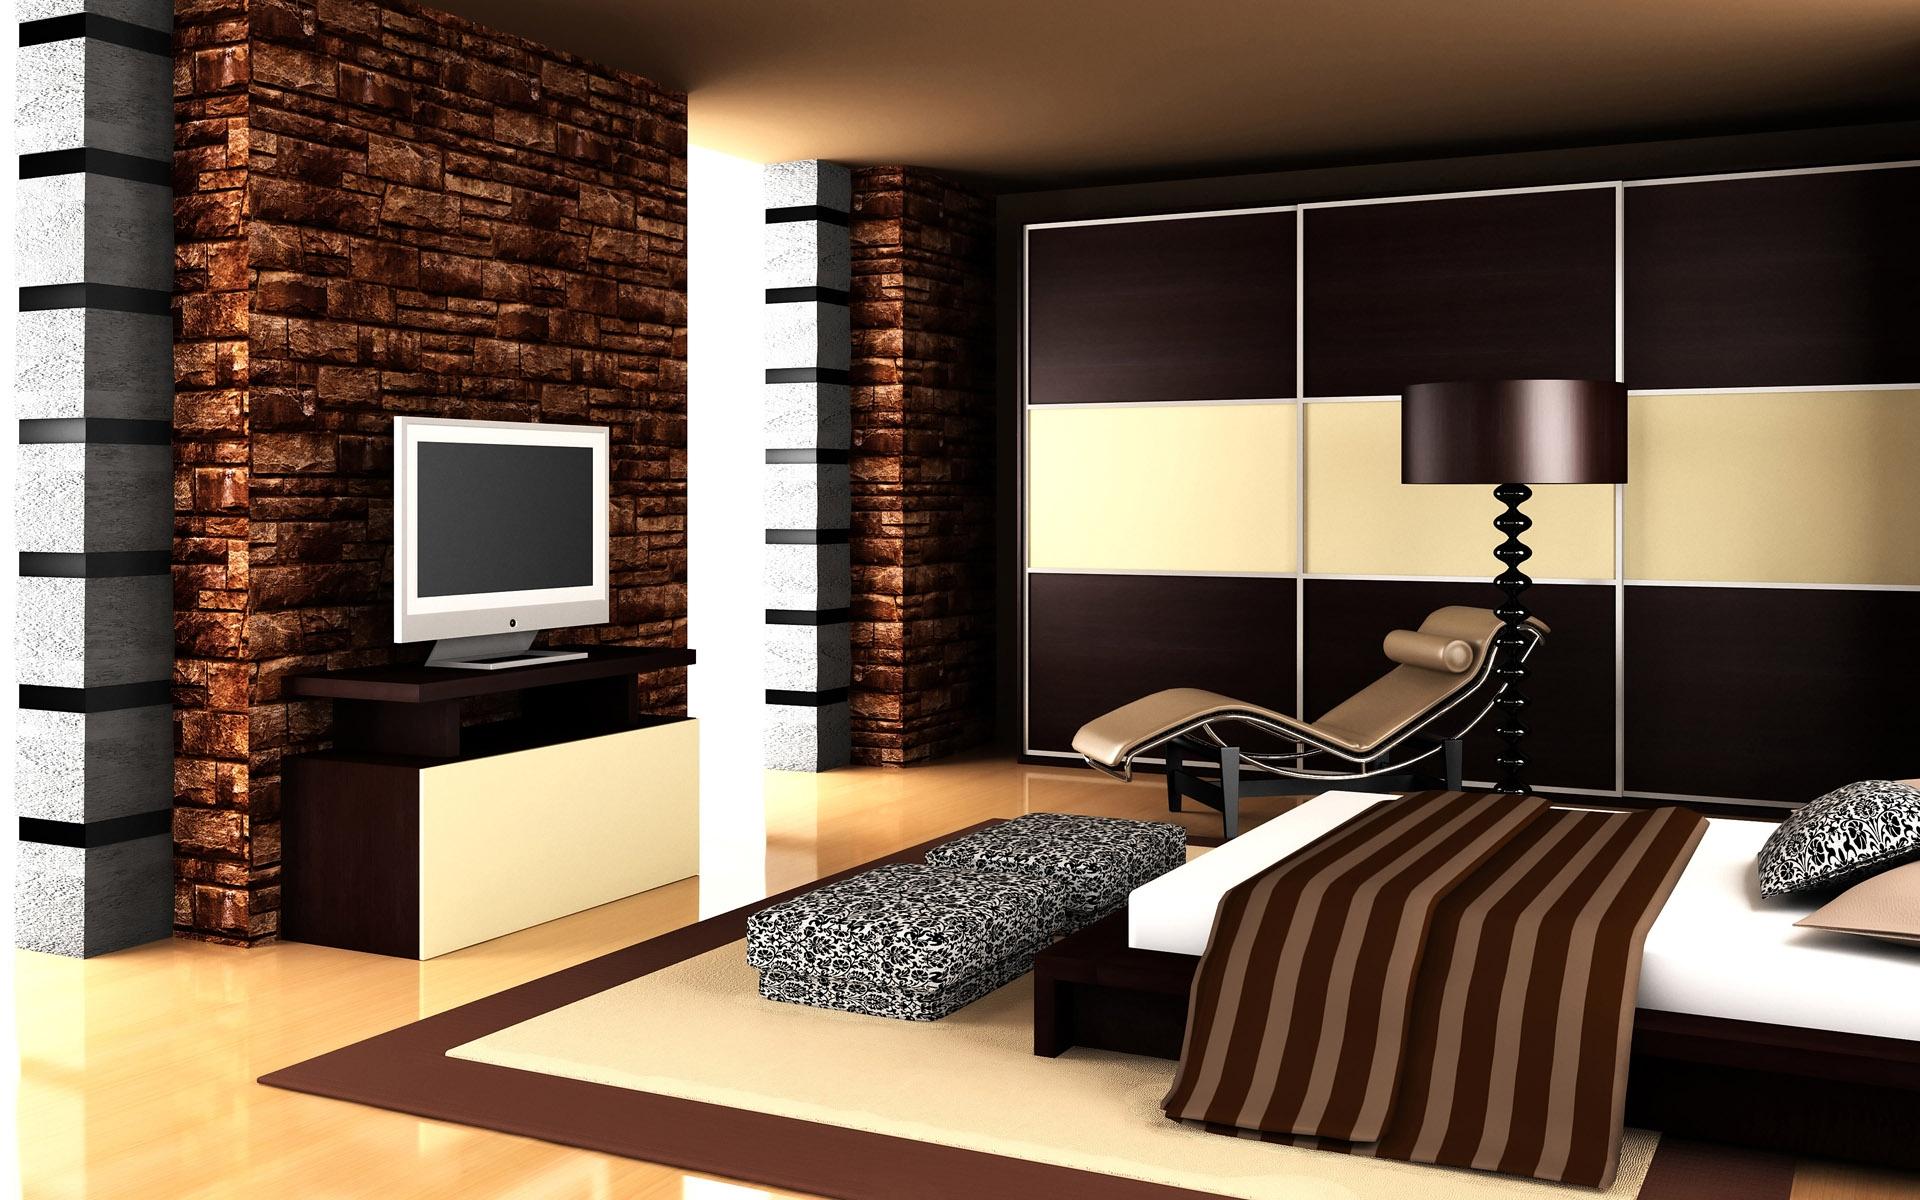 Hintergrundbilder : Zimmer, Innere, Bett, Mauer, Innenarchitektur ...